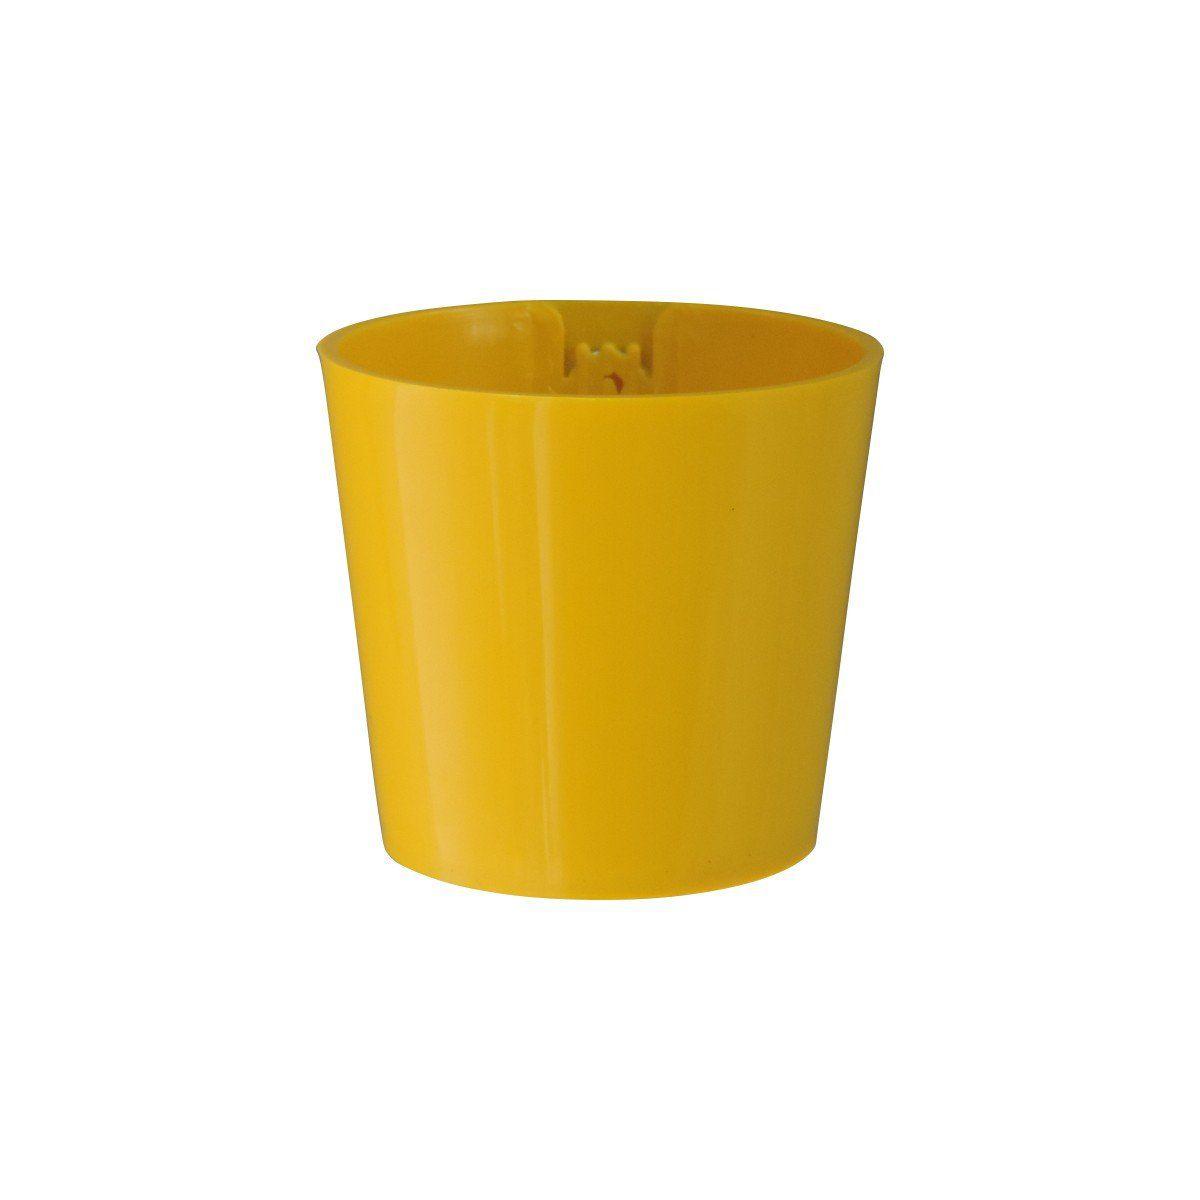 Vaso Magnético de Plástico Amarelo 5cm x 6cm